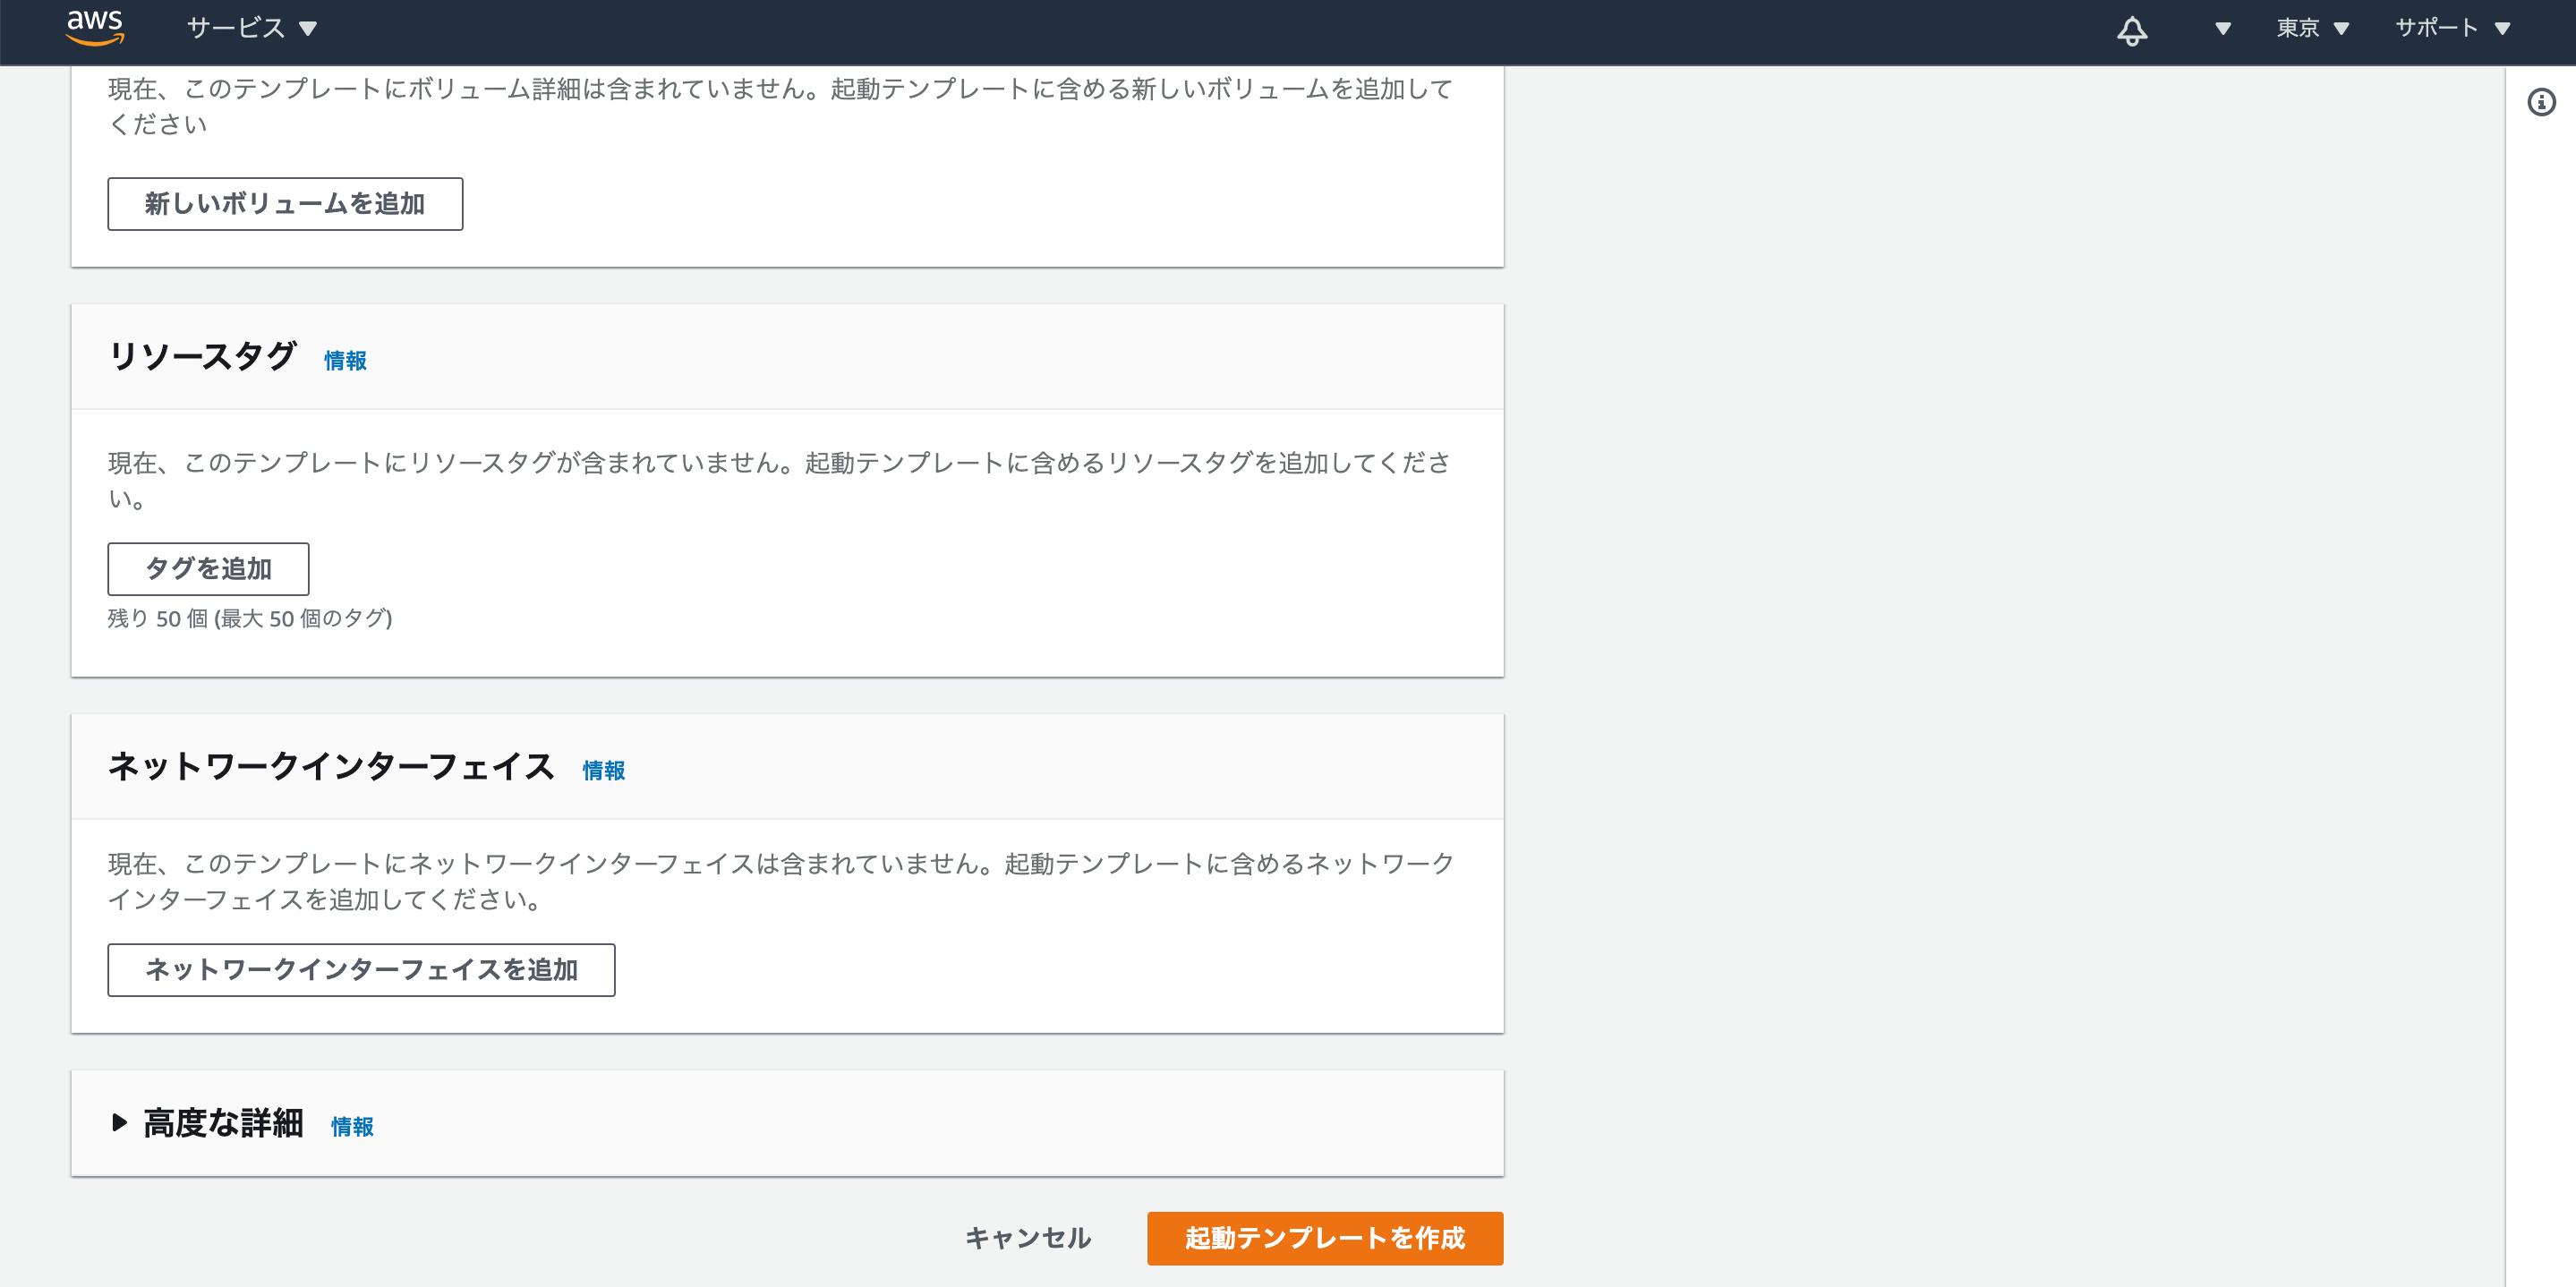 スクリーンショット 2020-09-23 22.13.01.png